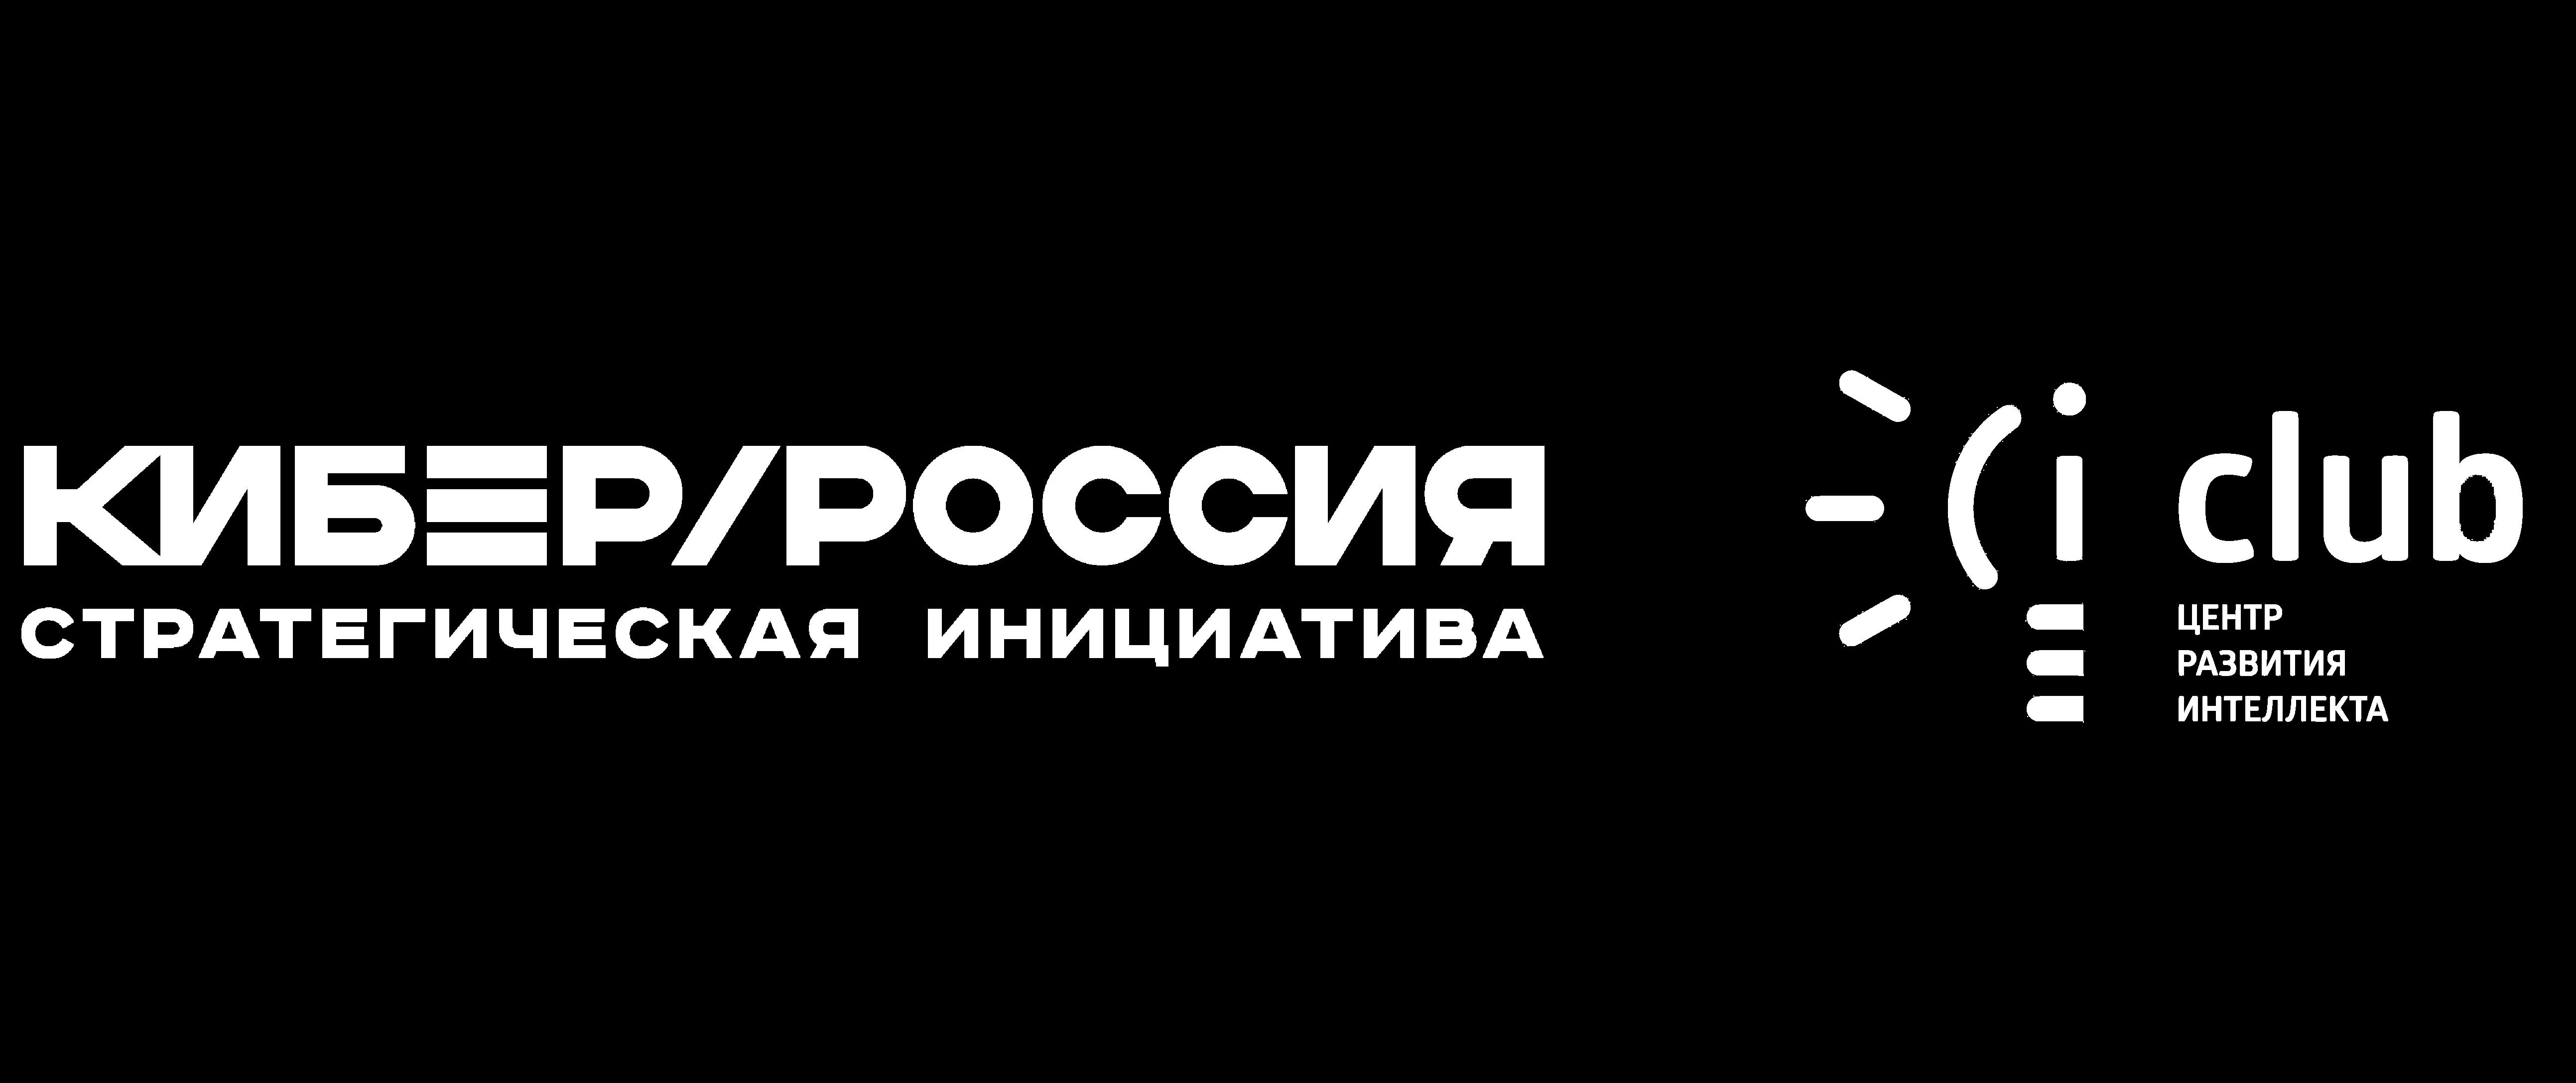 8 (903) 211-13-19 AO@Cyber-Russia.ru